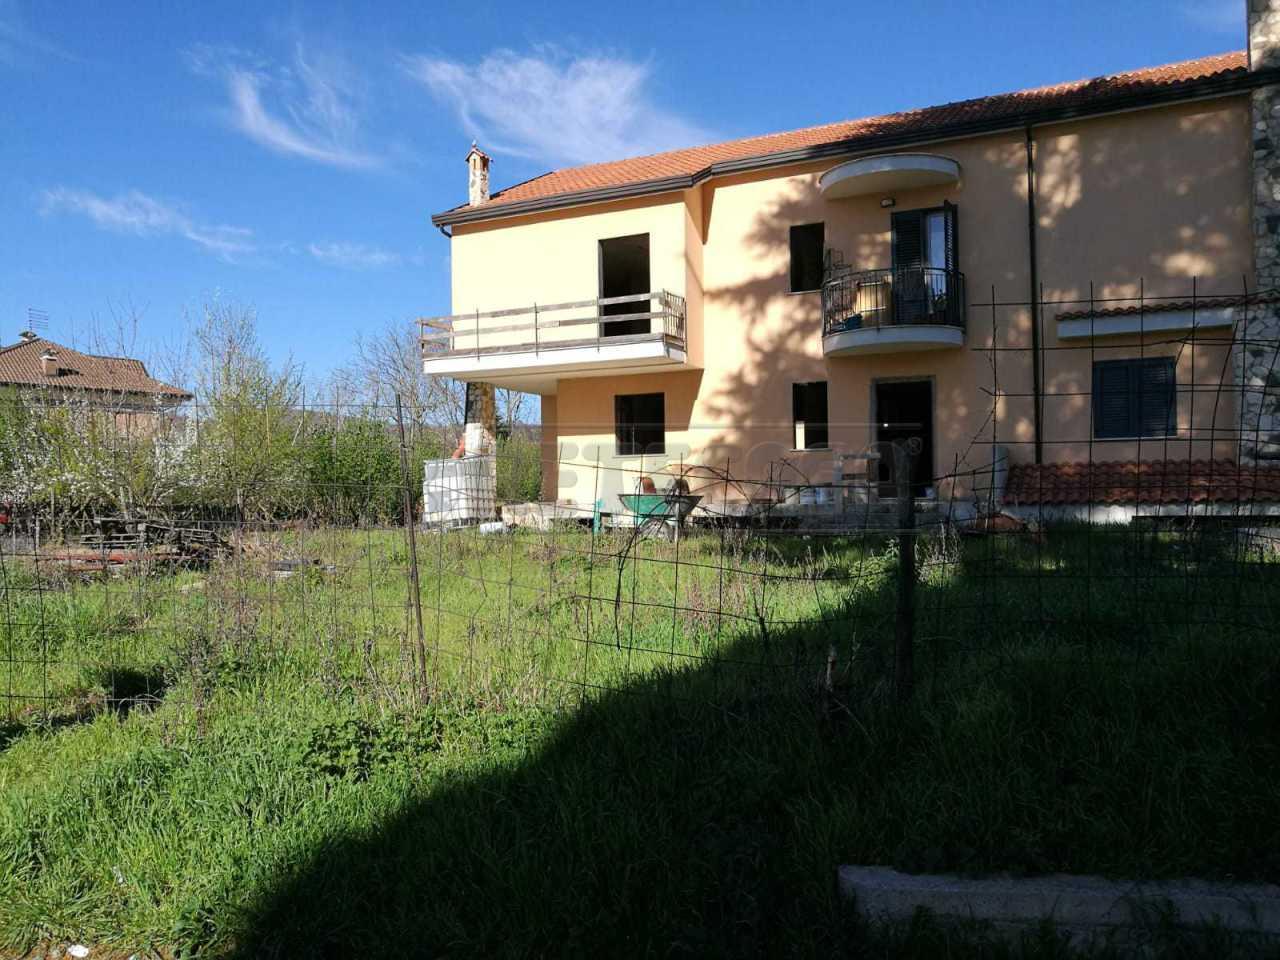 Villetta a schiera in vendita Rif. 8440237